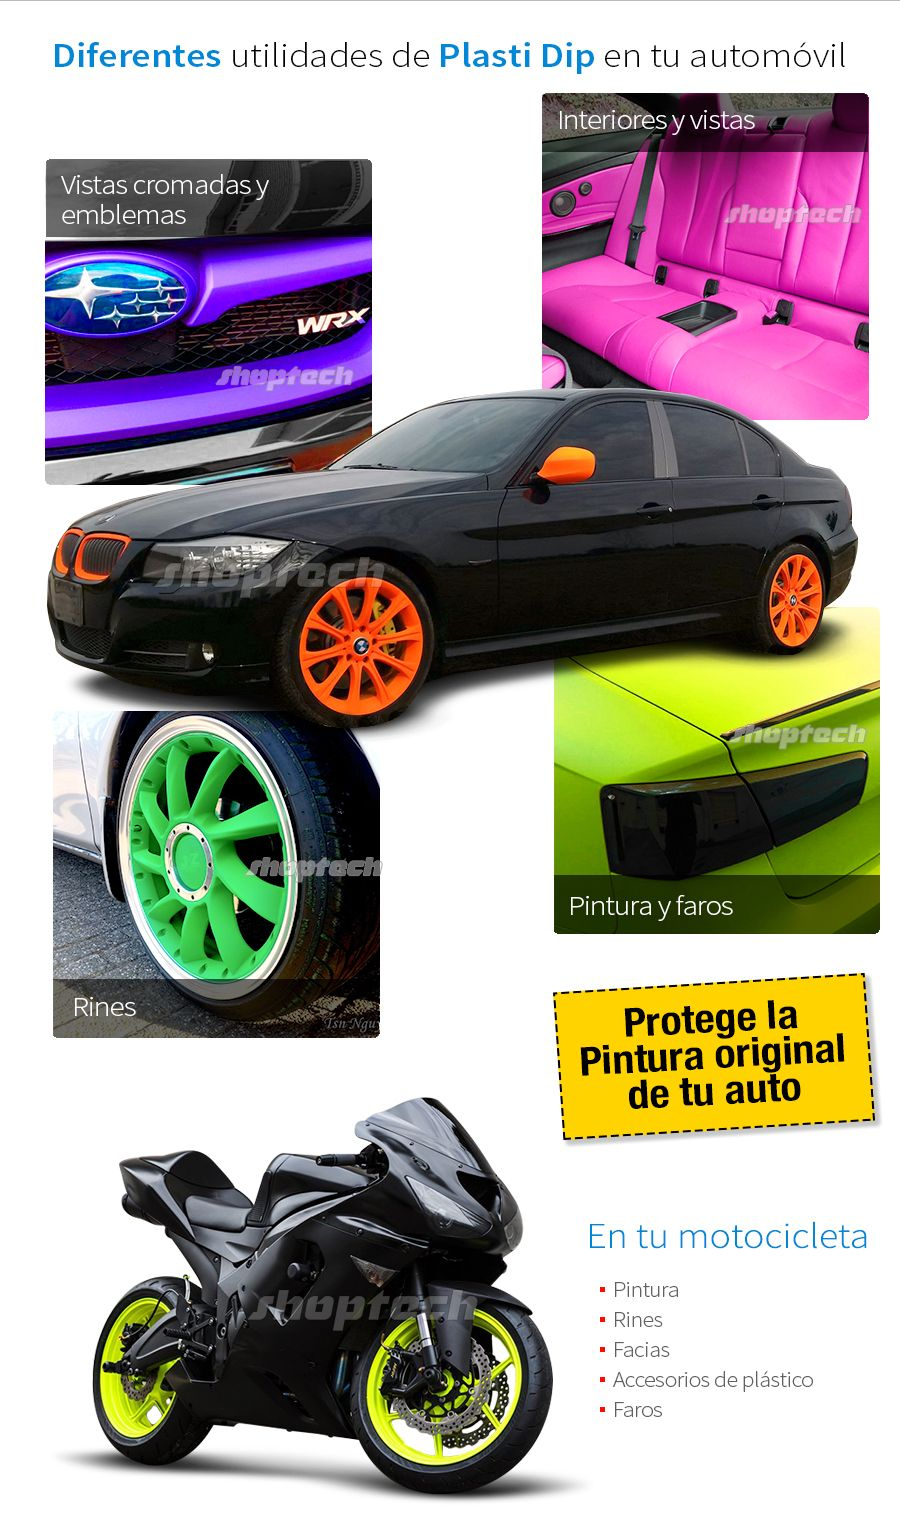 Plasti Dip Pintura Plastica Aerosol Autos Rines Motos Neon 249 00 Pintura Para Autos Pintura Para Plastico Autos